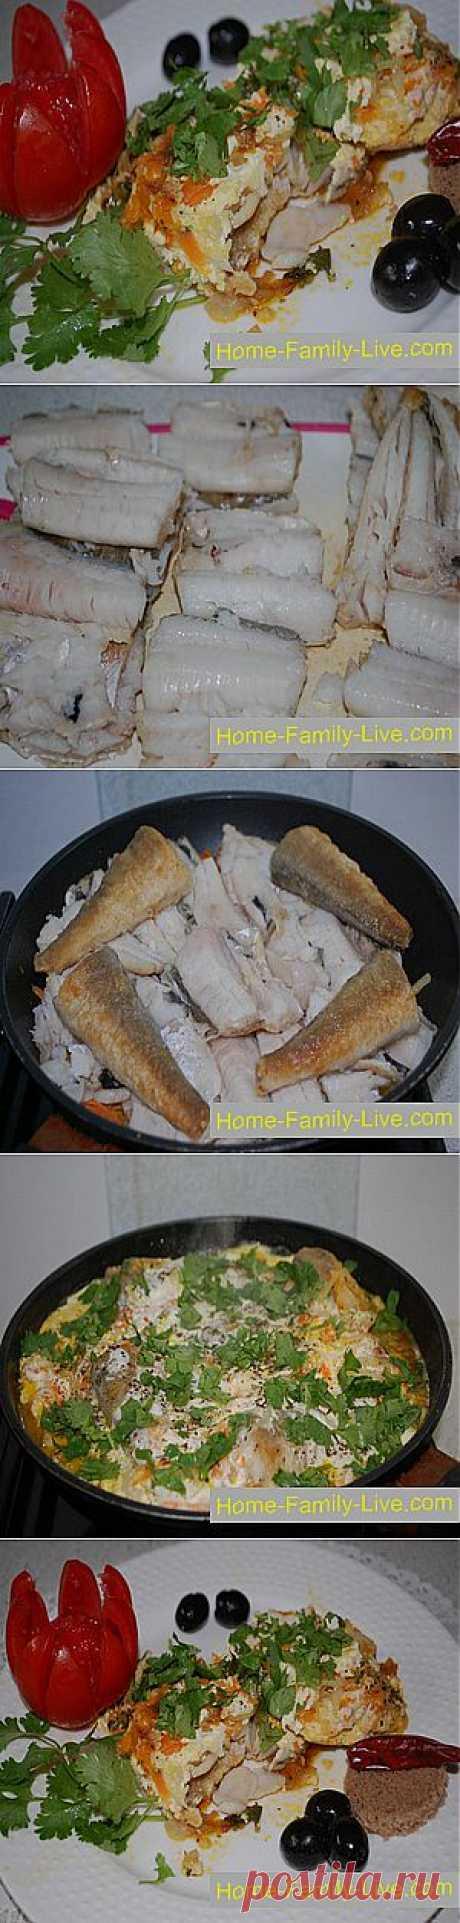 Кулинарные рецепты Рыба в молочном соусе » Кулинарные рецепты